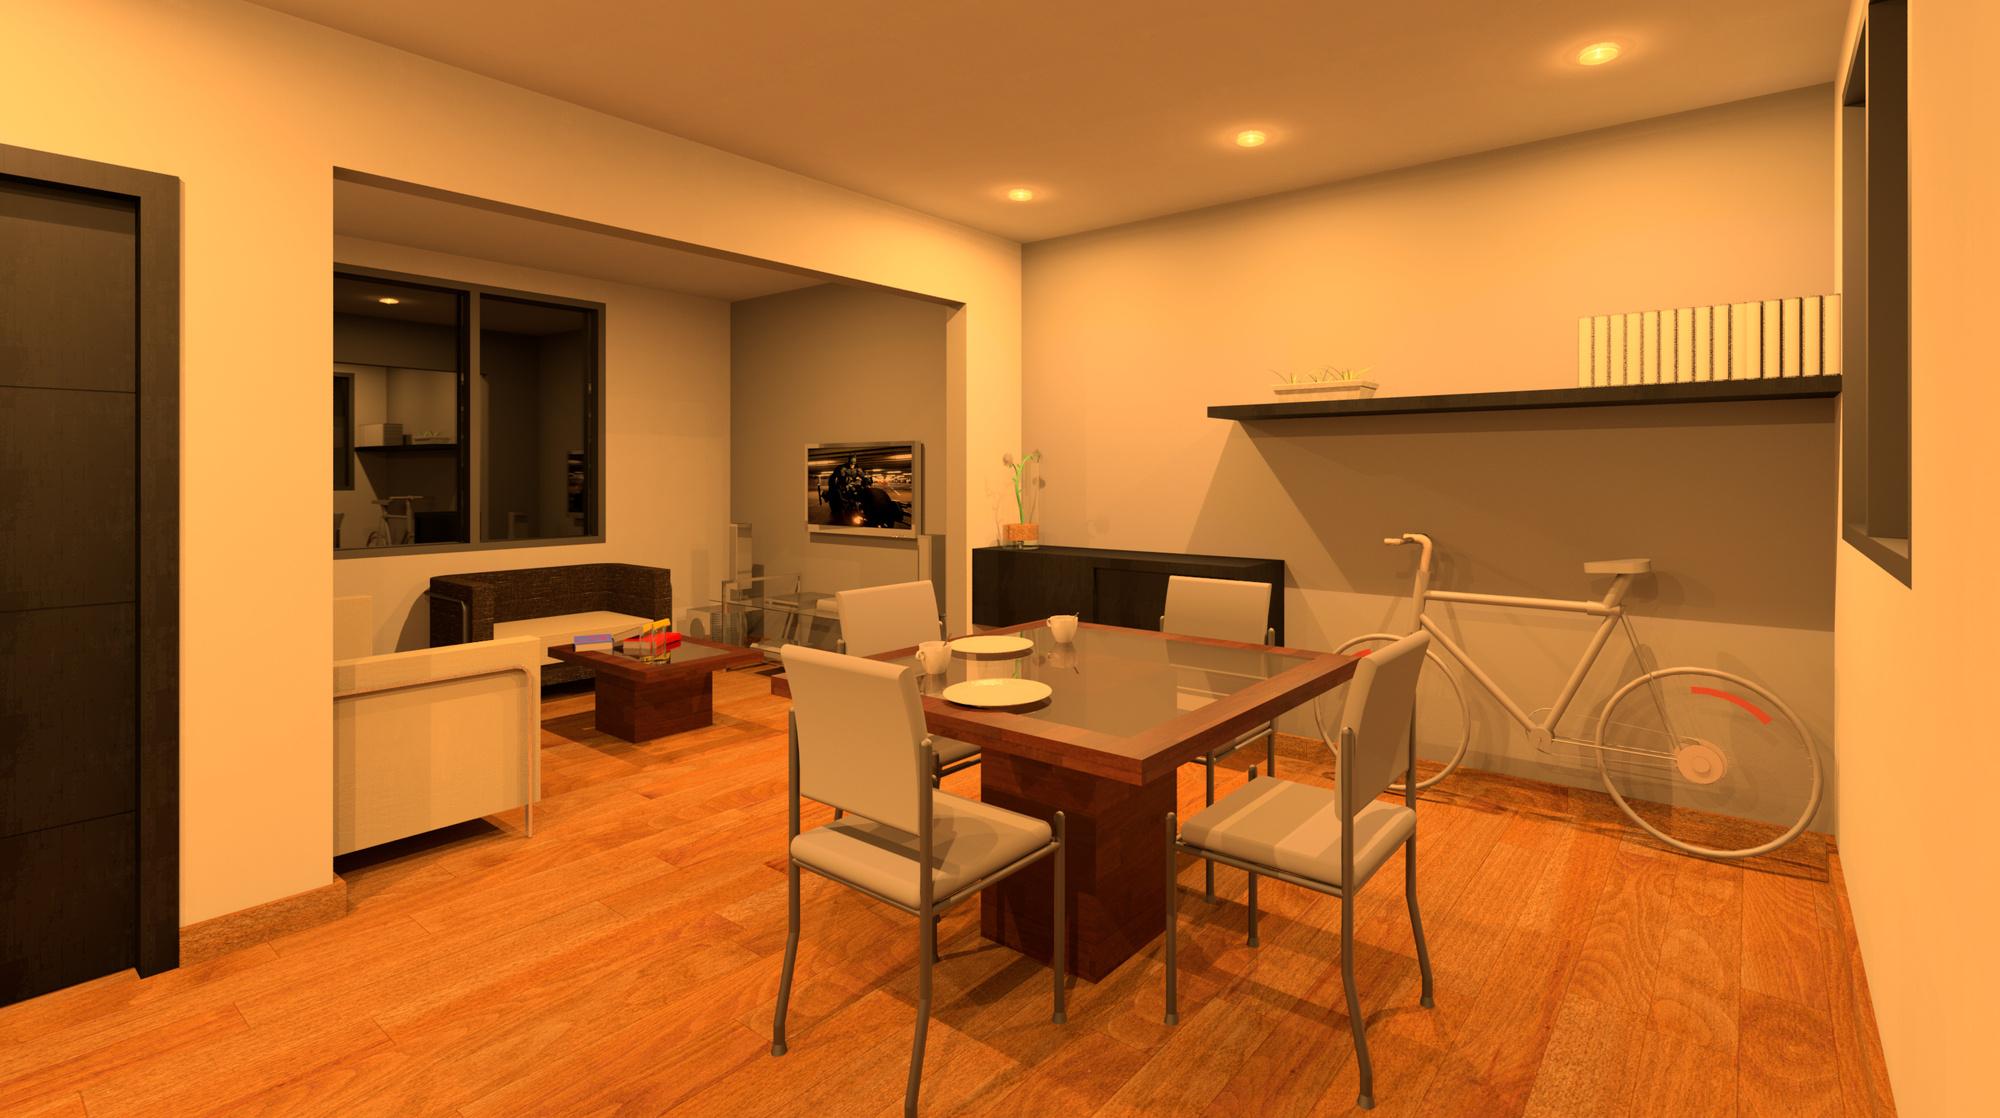 Raas-rendering20150214-11130-zui4o5